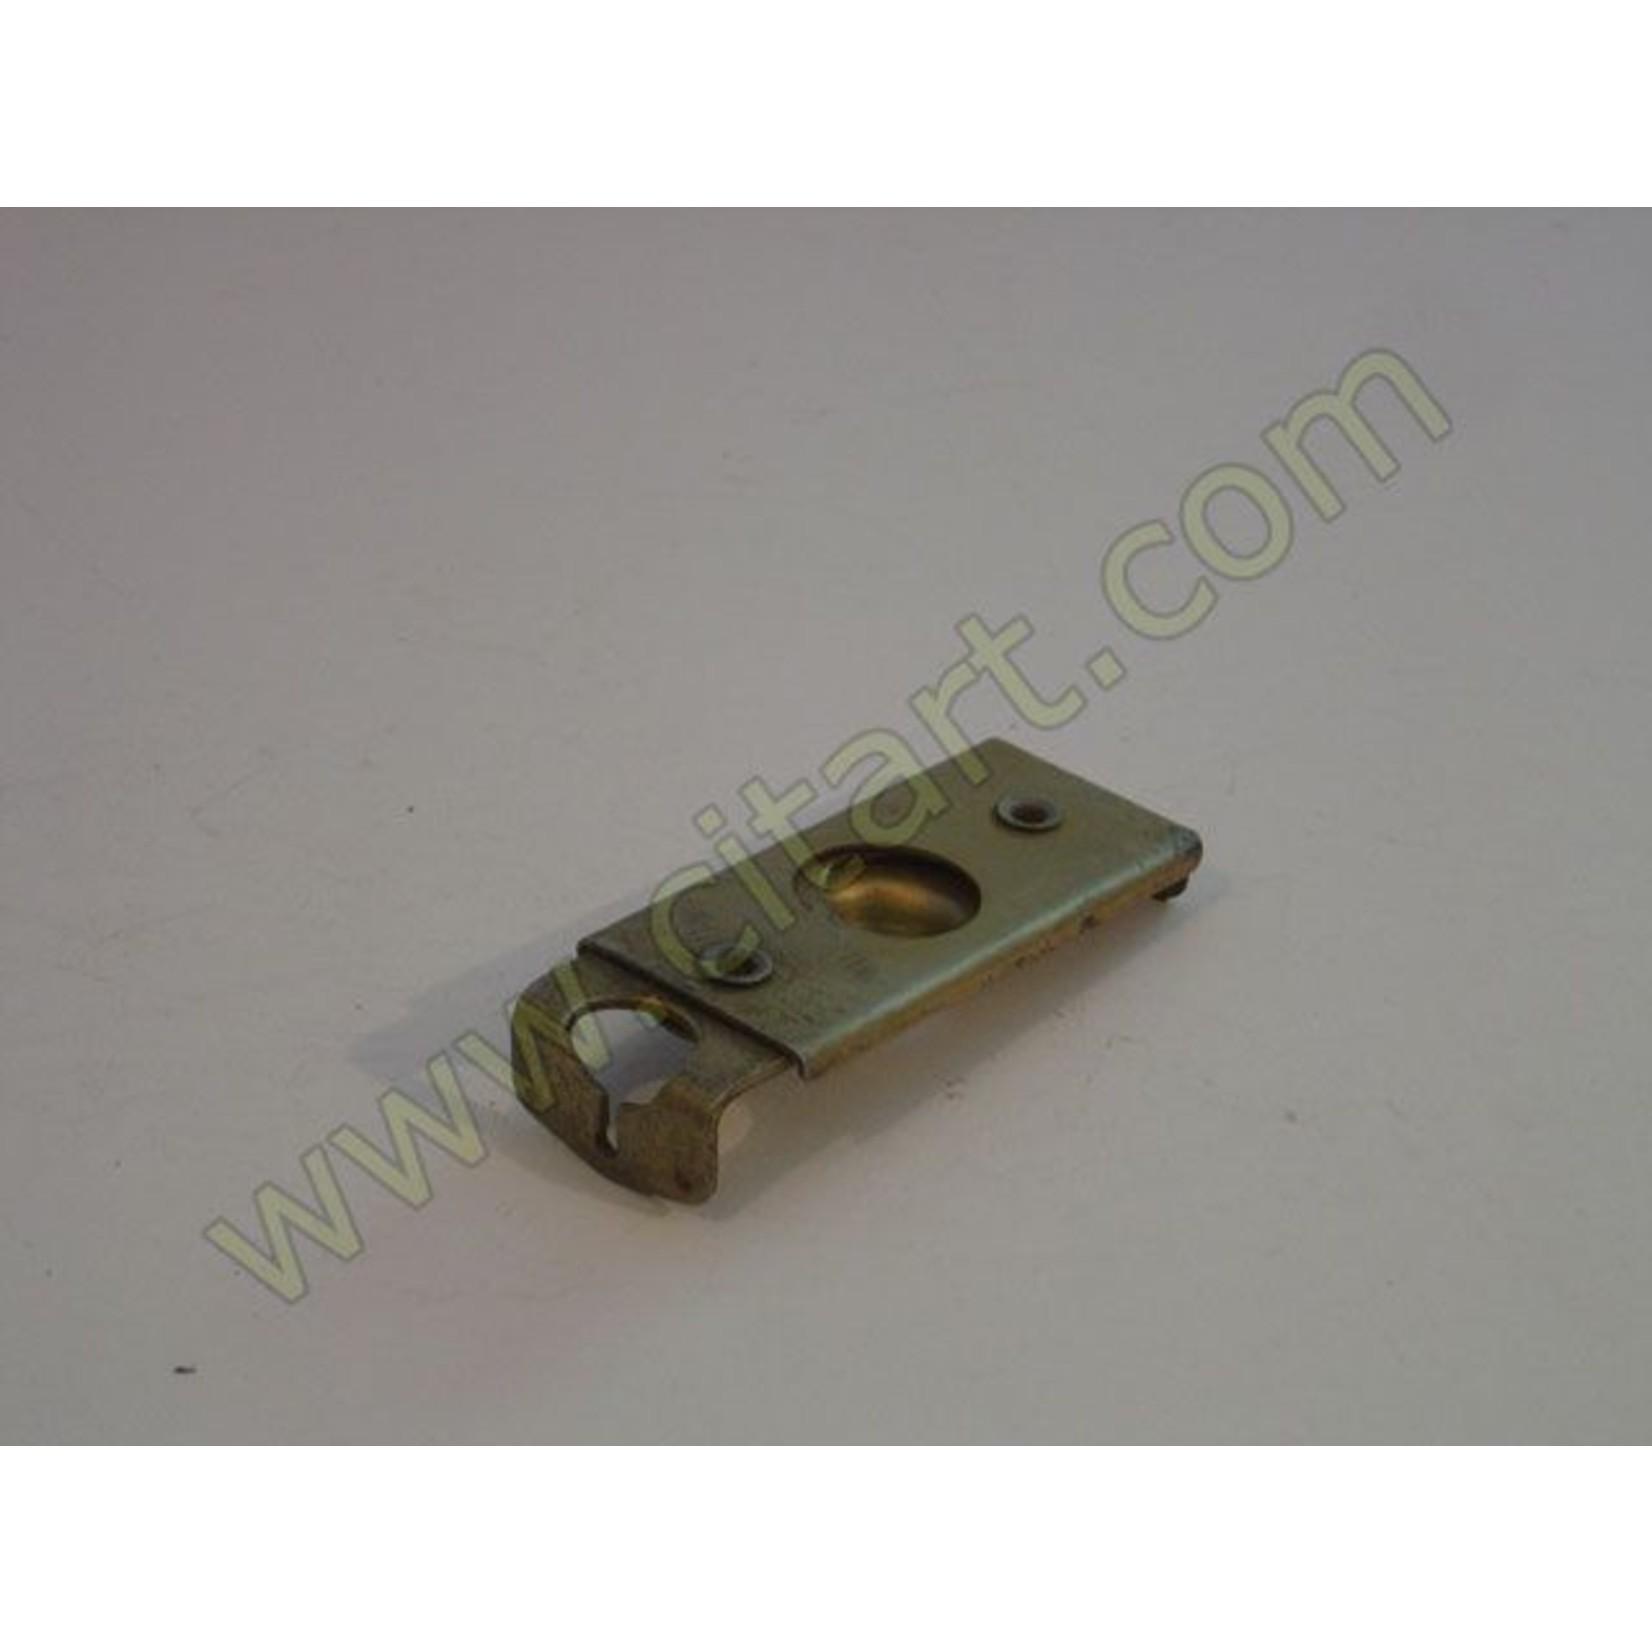 Motorkapsluitmechanisme -68 Nr Org: D86137